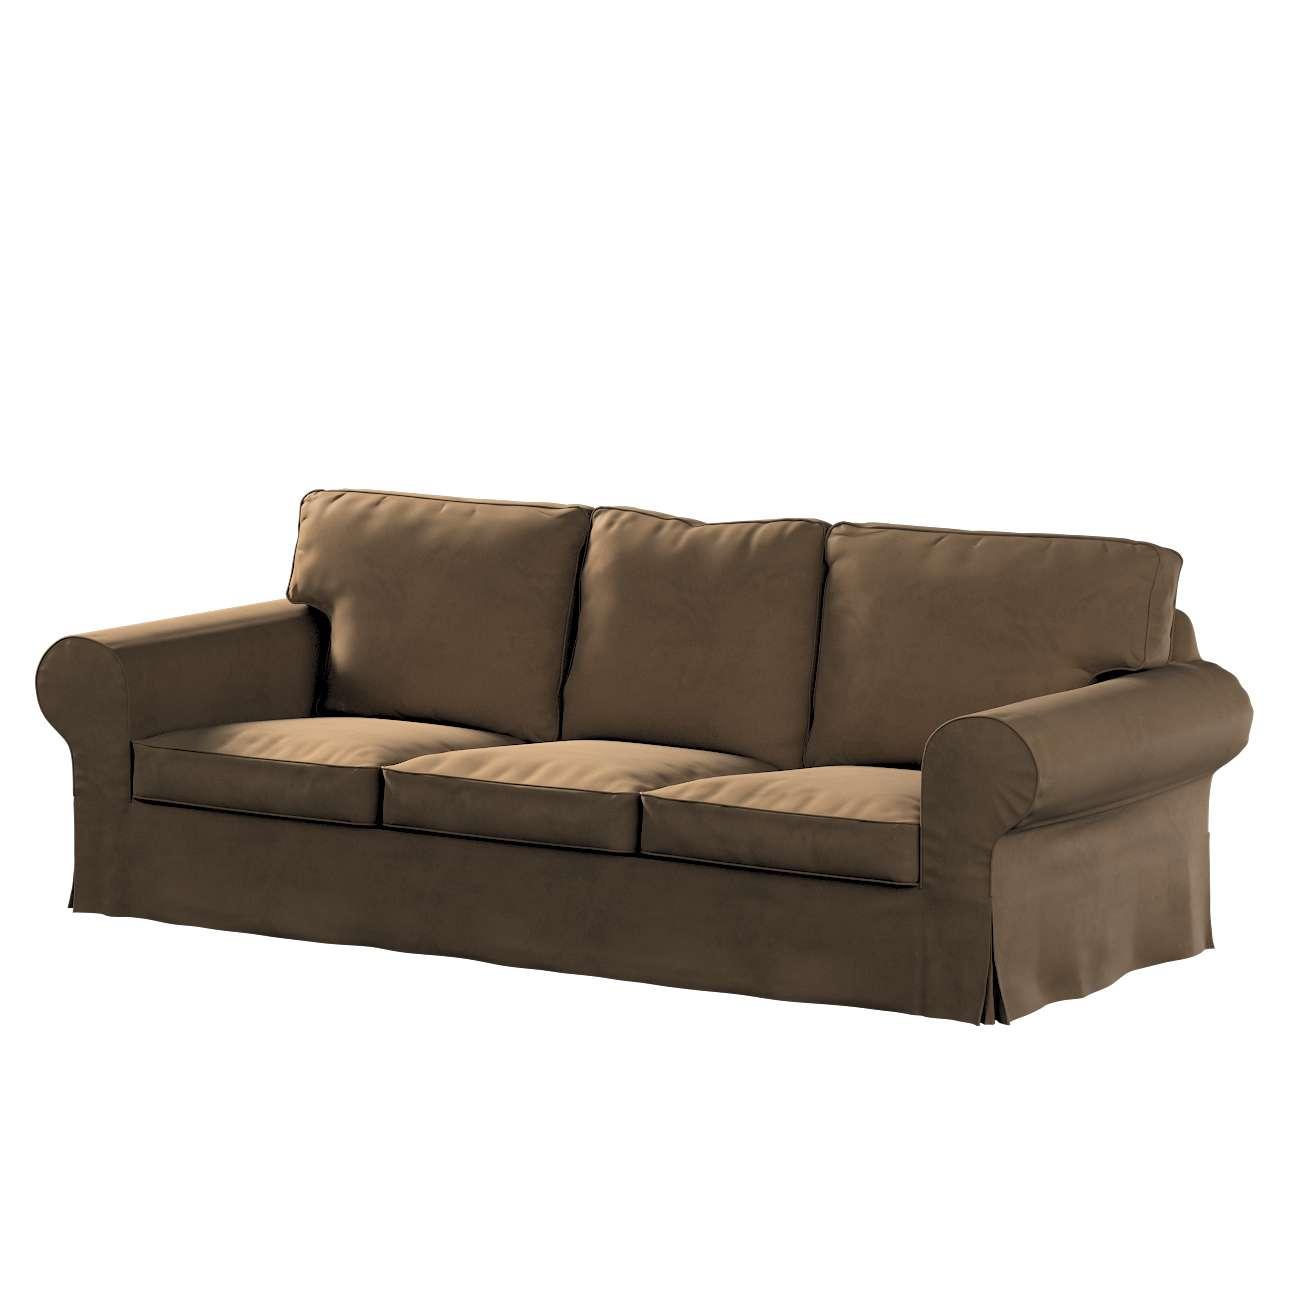 Pokrowiec na sofę Ektorp 3-osobową, nierozkładaną w kolekcji Living II, tkanina: 160-94